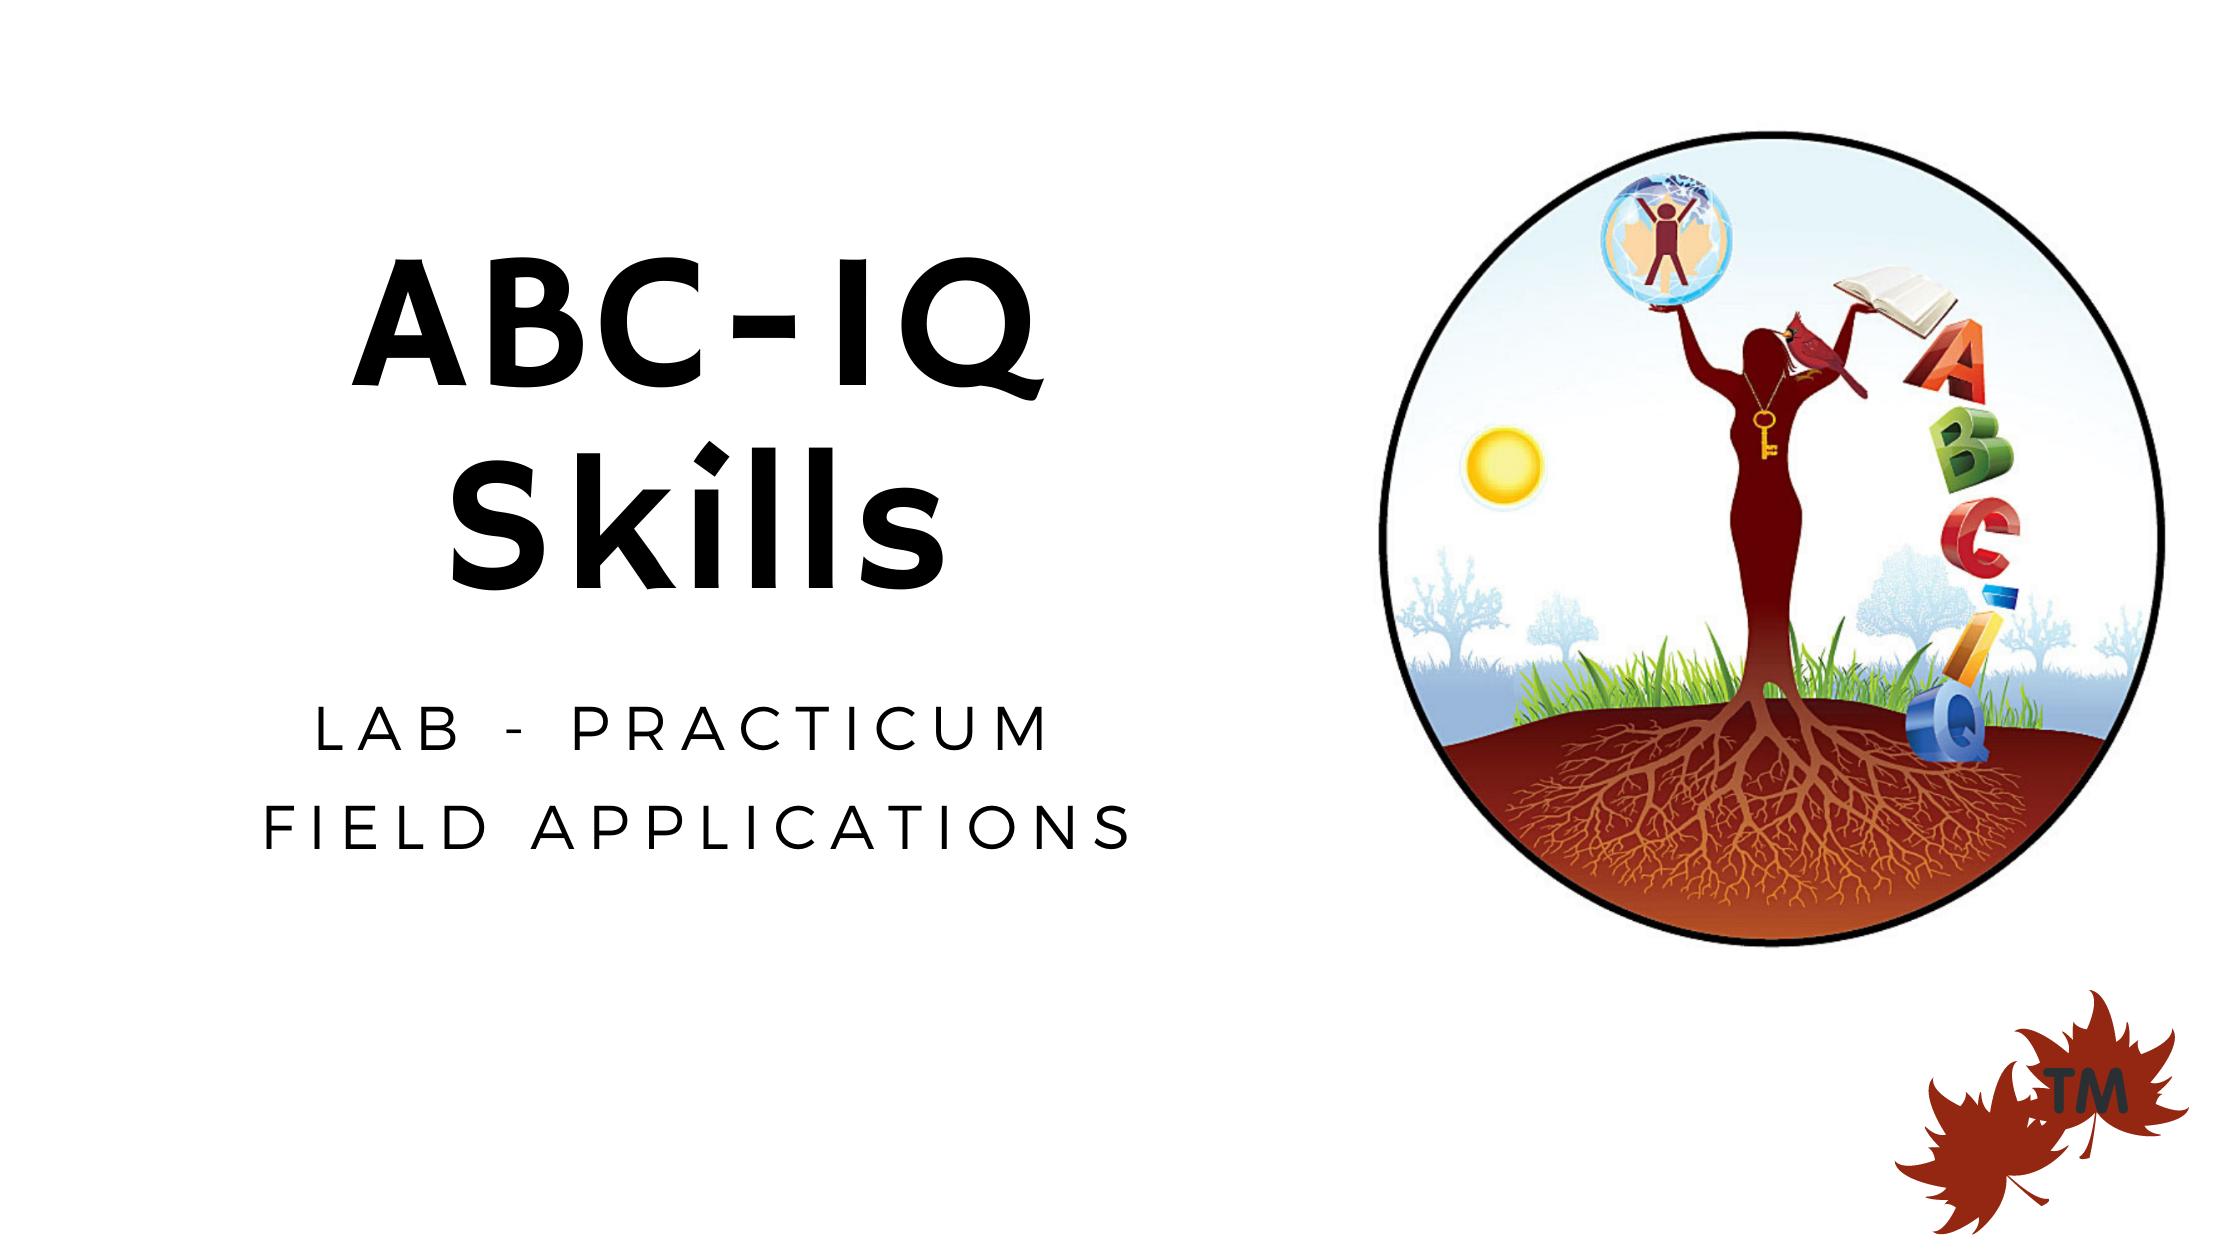 ABC-IQ Skills Lab SaaS